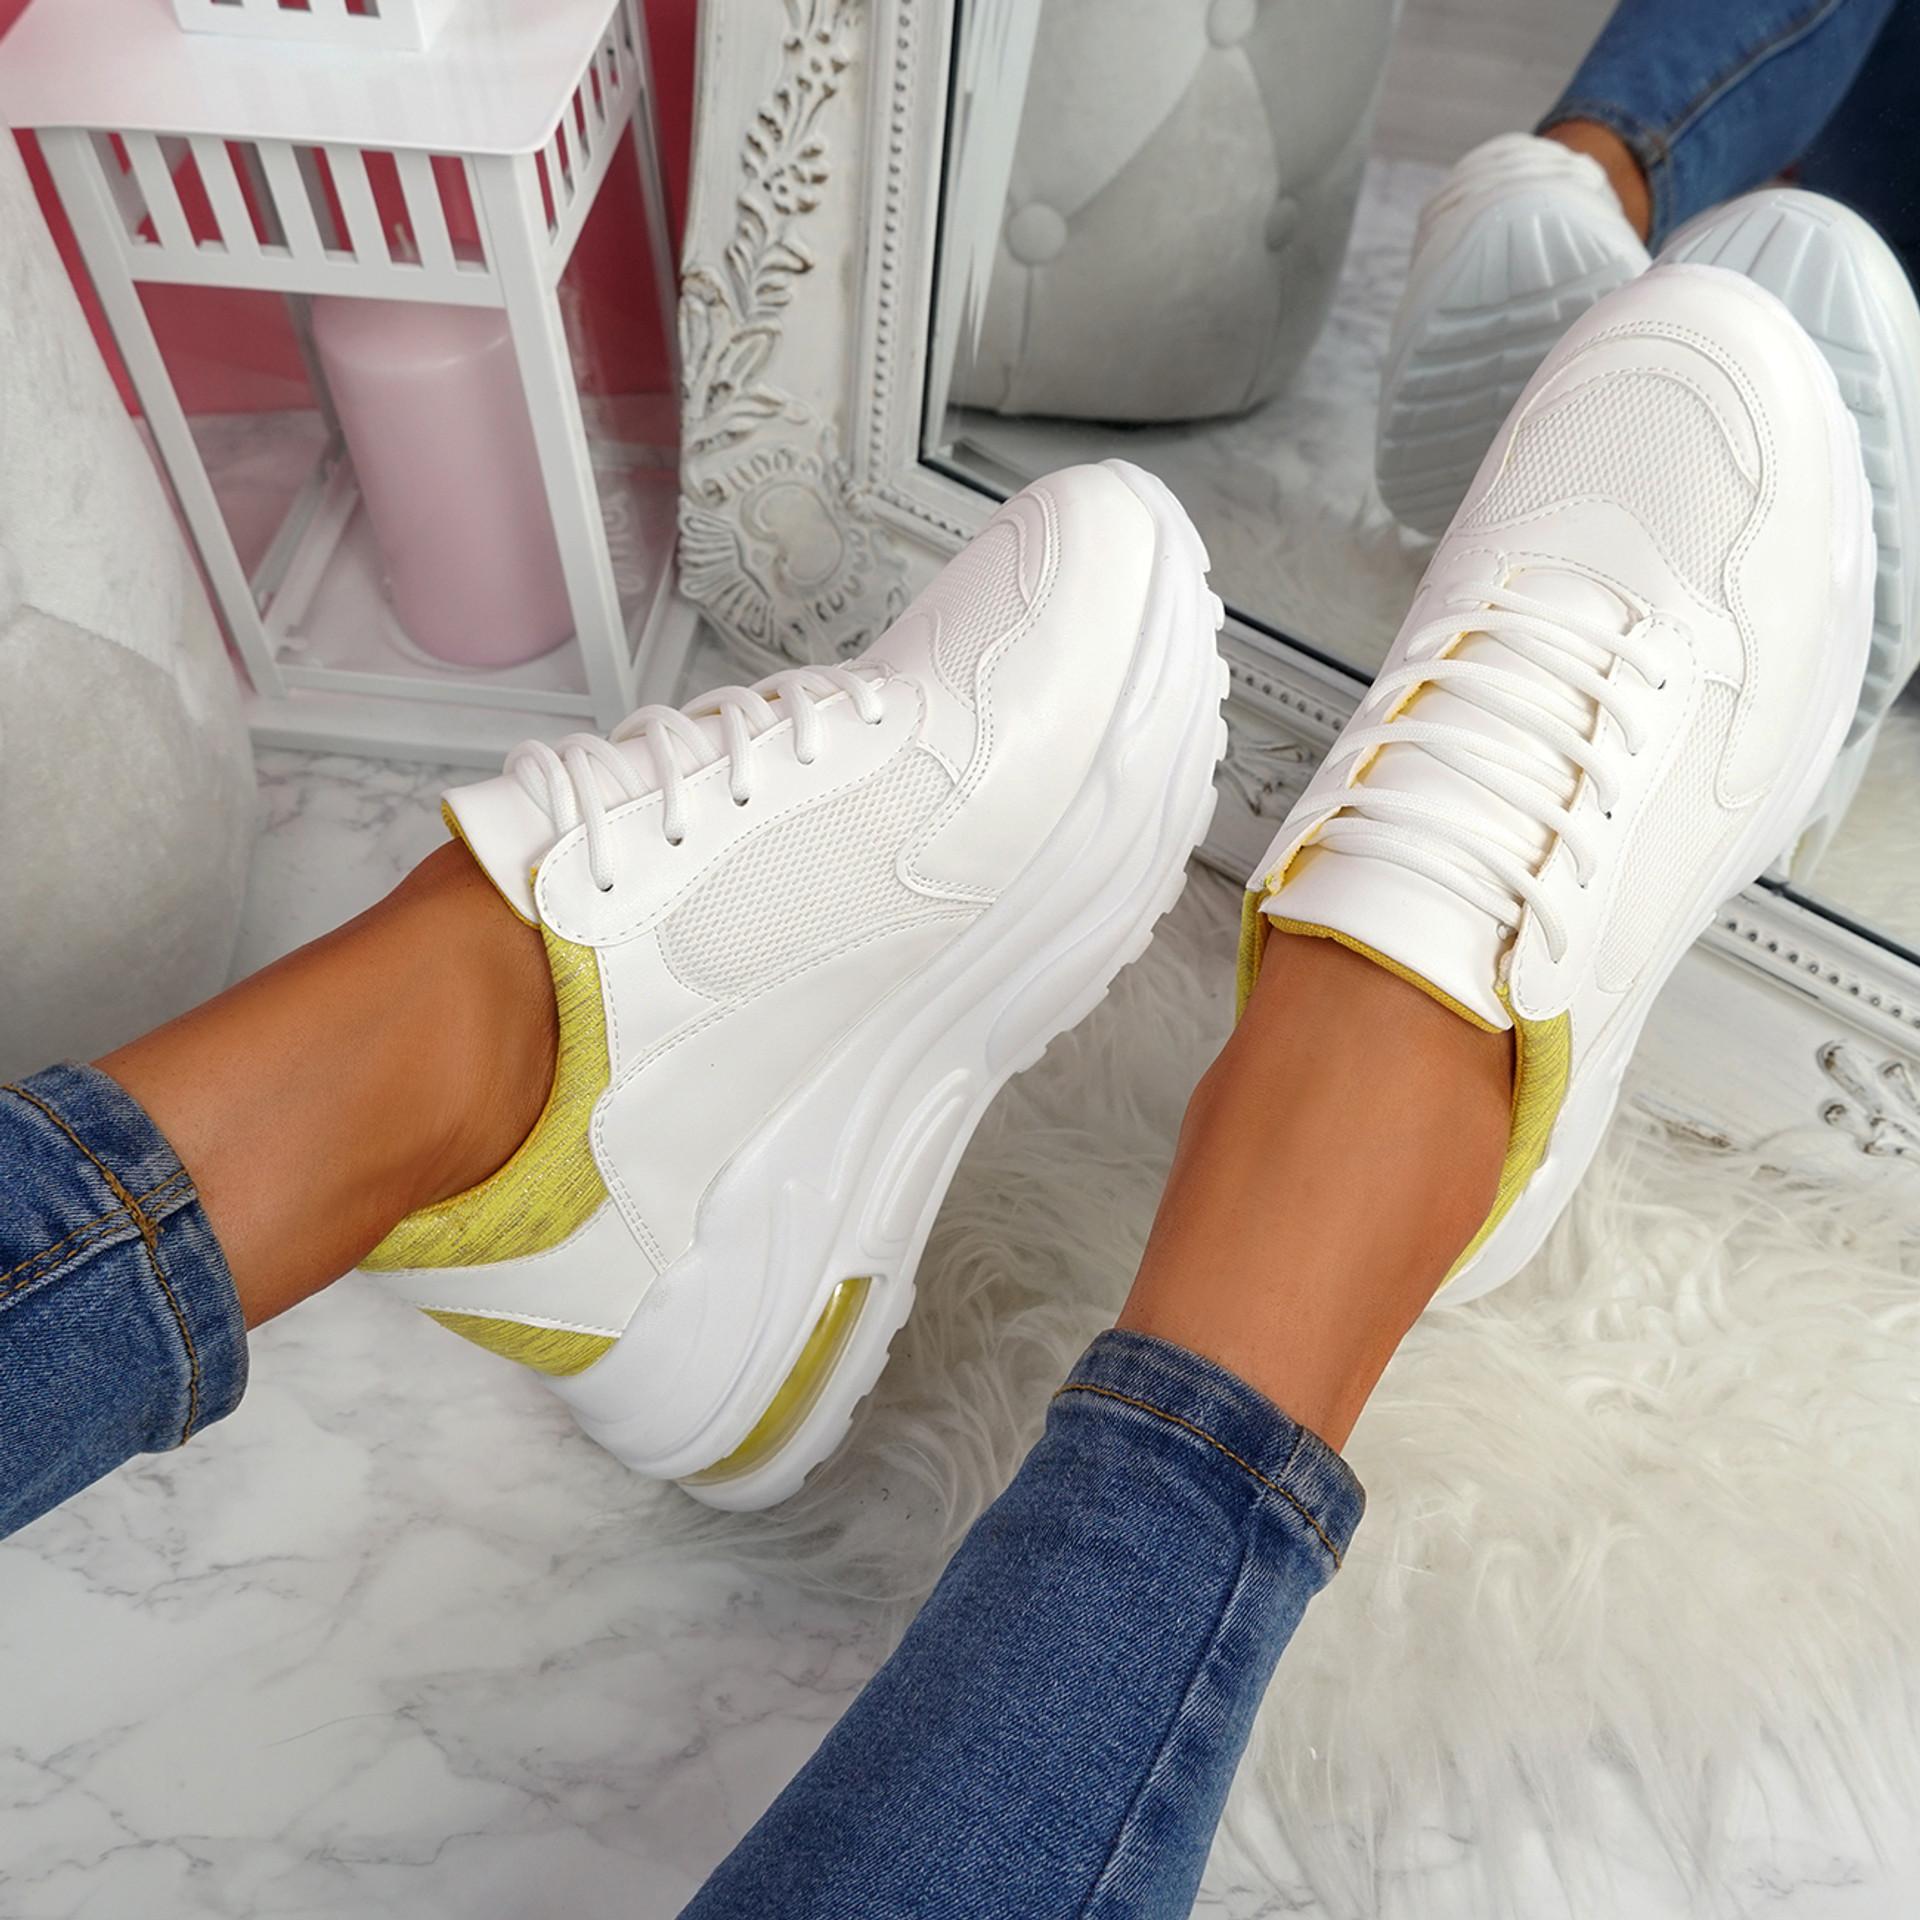 Viffa White Yellow Lace Up Chunky Trainers